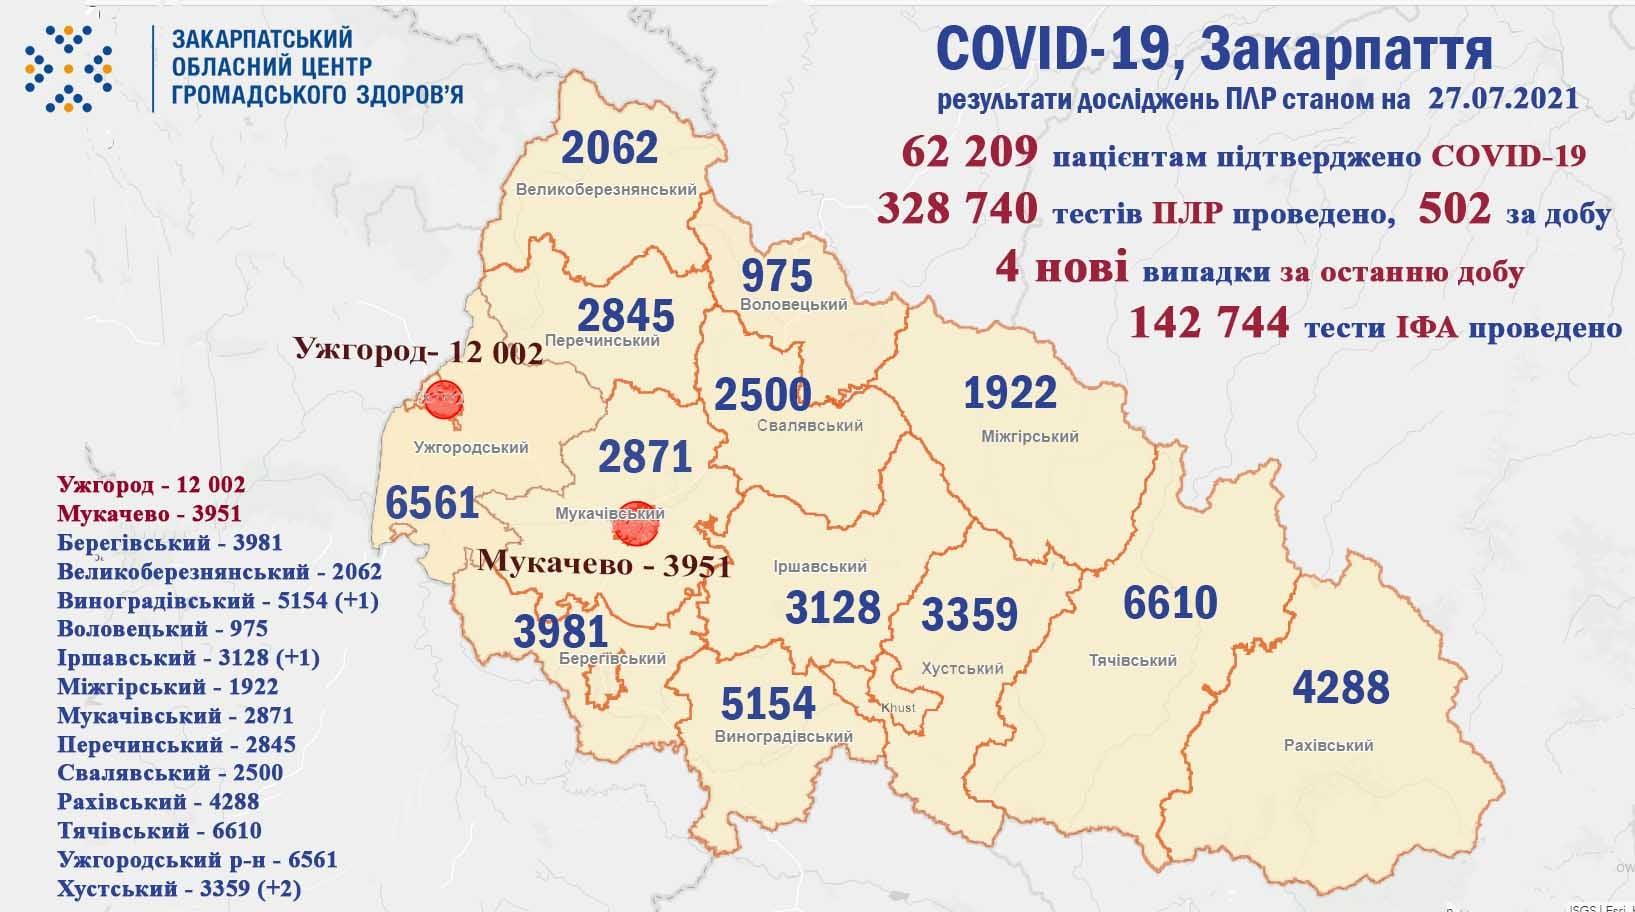 Скільки людей захворіли на коронавірус у Закарпатті